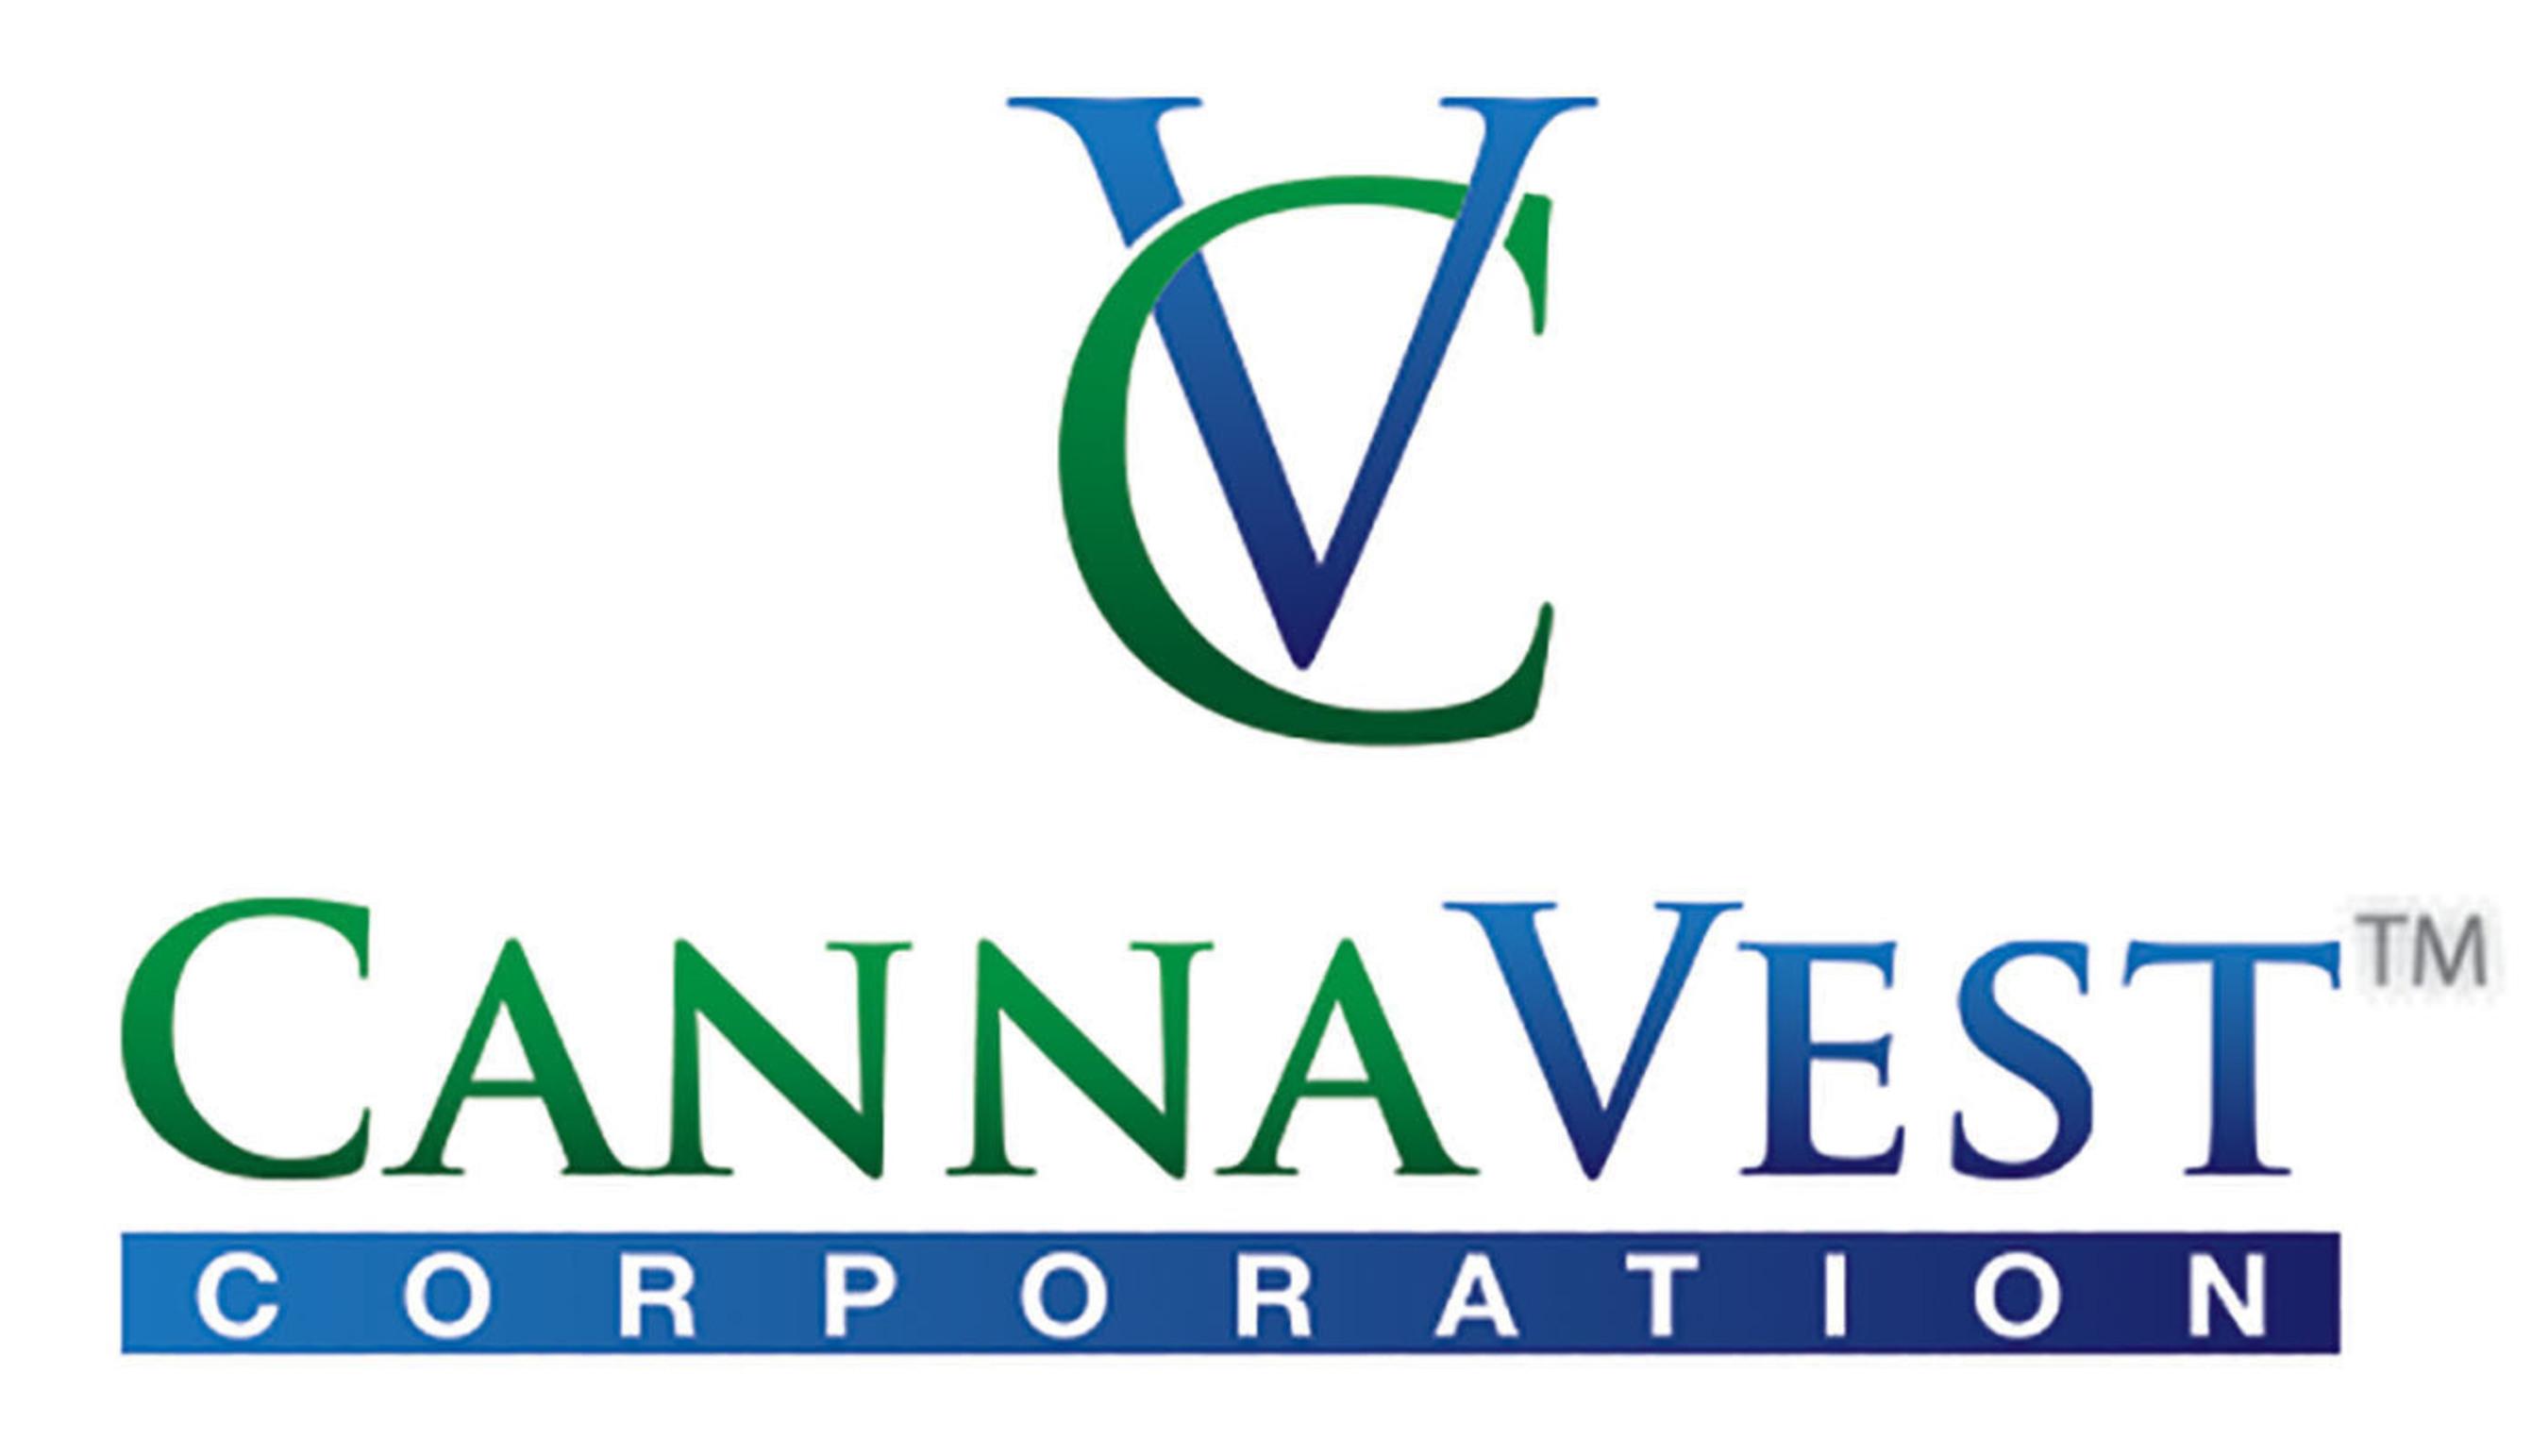 CannaVest Corp. maakt melding van de financiële resultaten voor het derde kwartaal van 2014